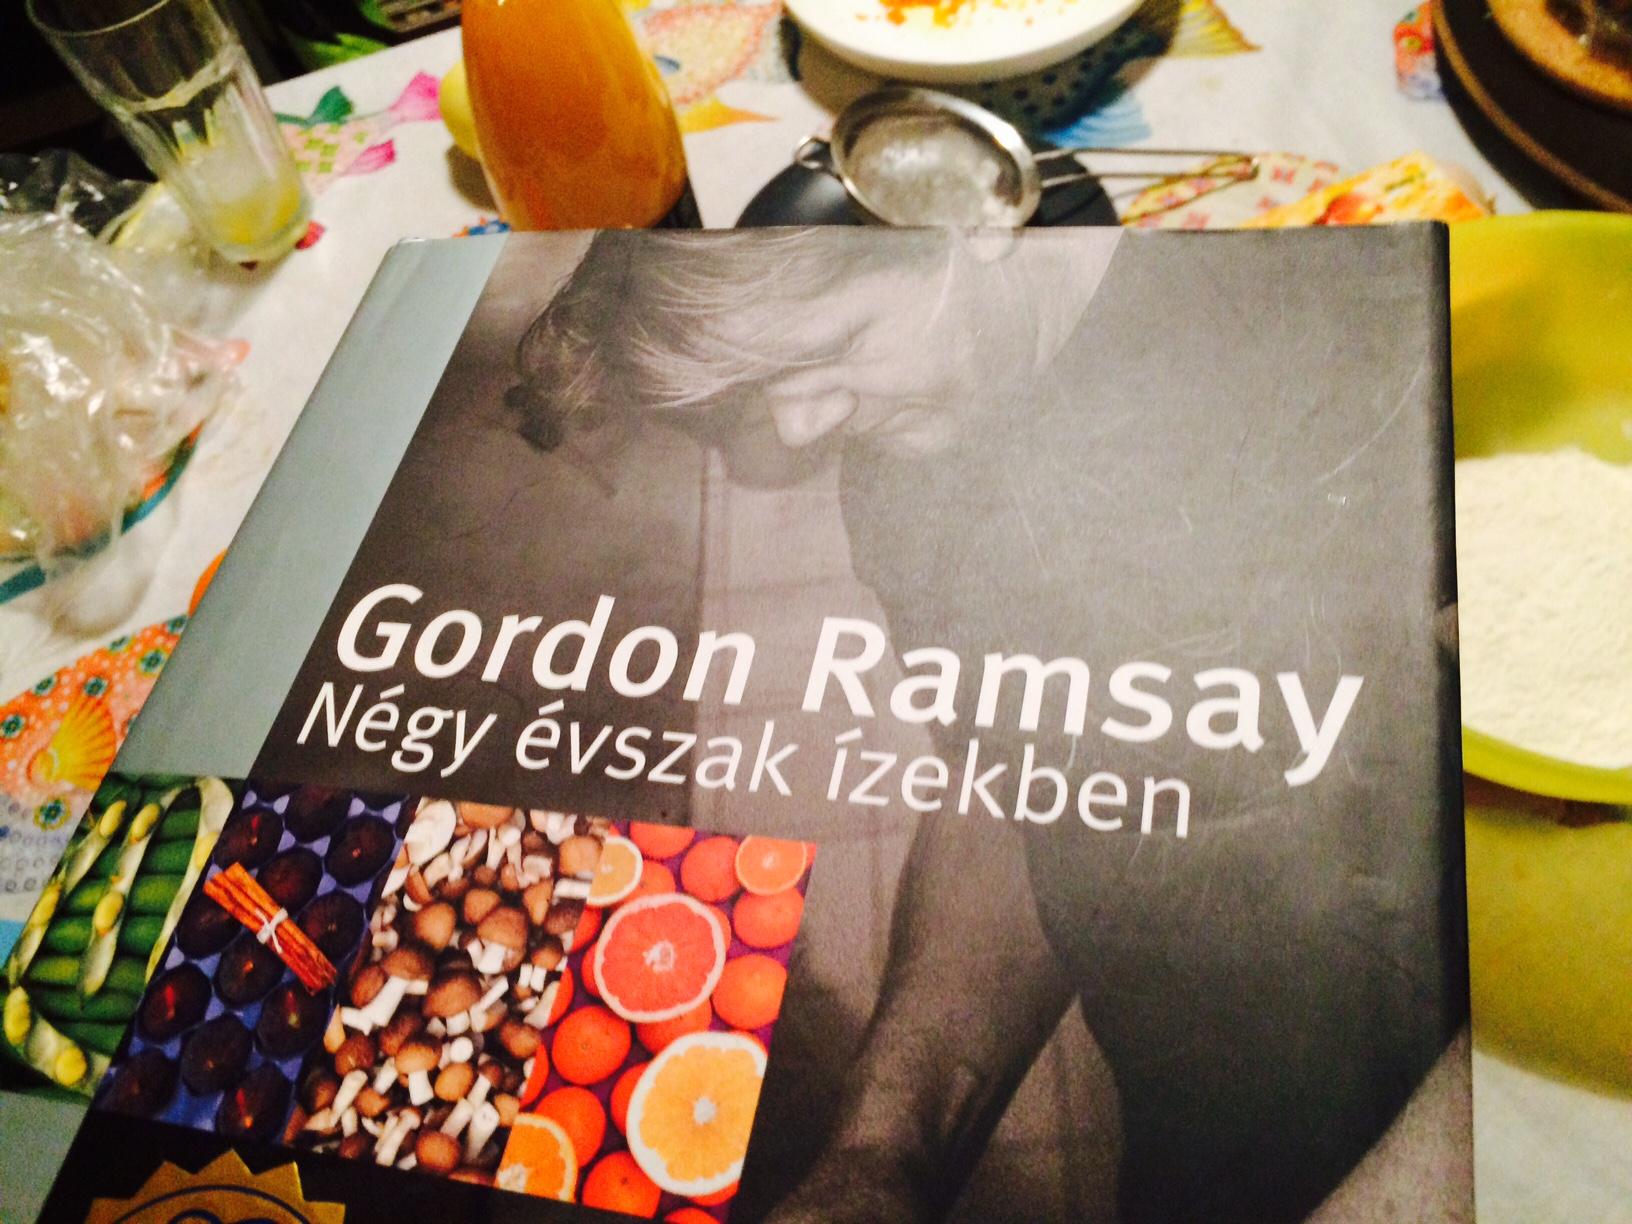 narancsoscitromostorta-ramsay8.jpg